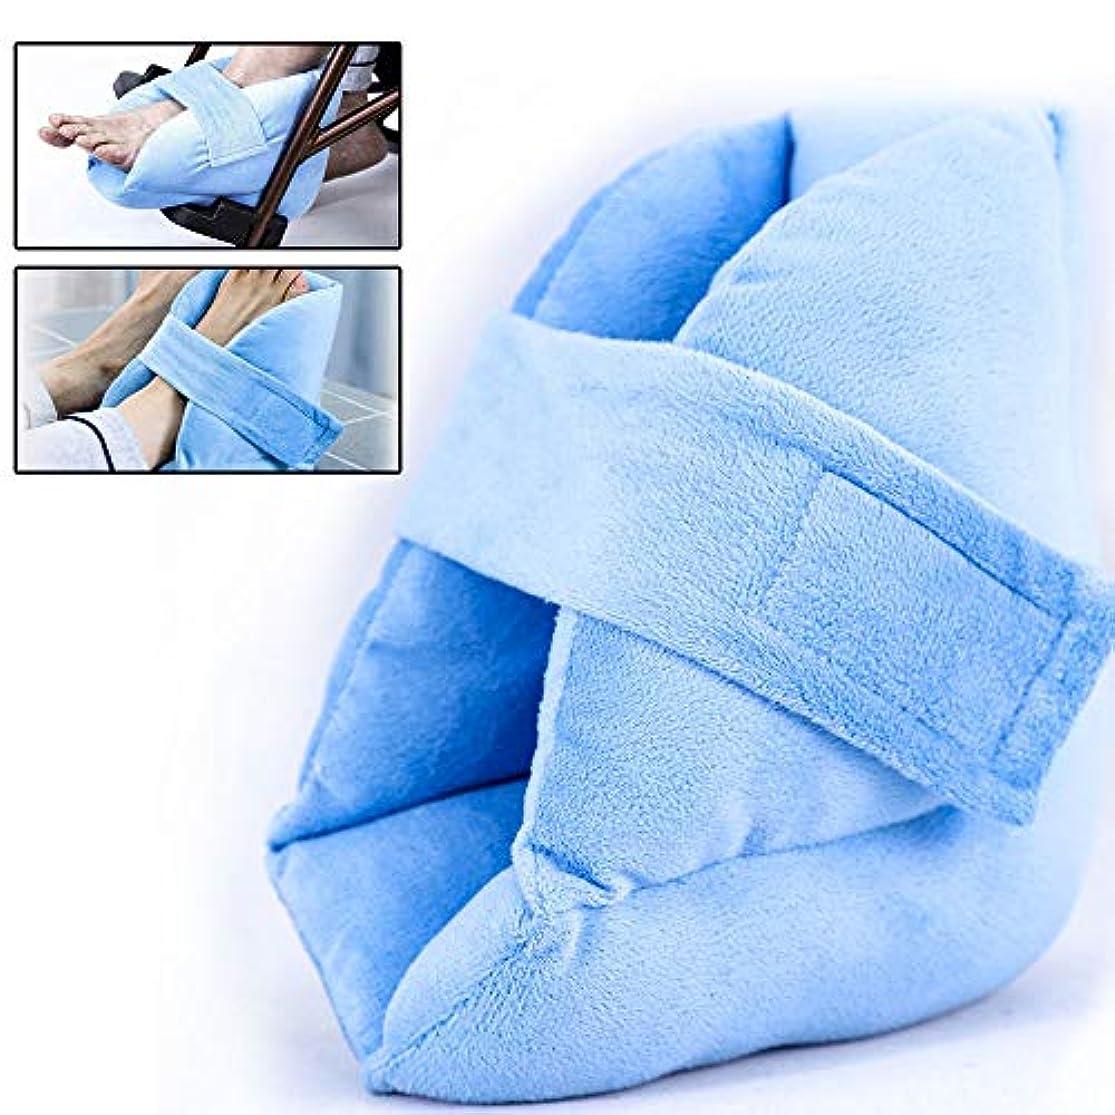 ドリンク経験者毛細血管通気性スポンジ充填ヒールクッションプロテクター - 足首プロテクター枕 褥瘡とかかとの潰瘍の軽減のため,1Pcs